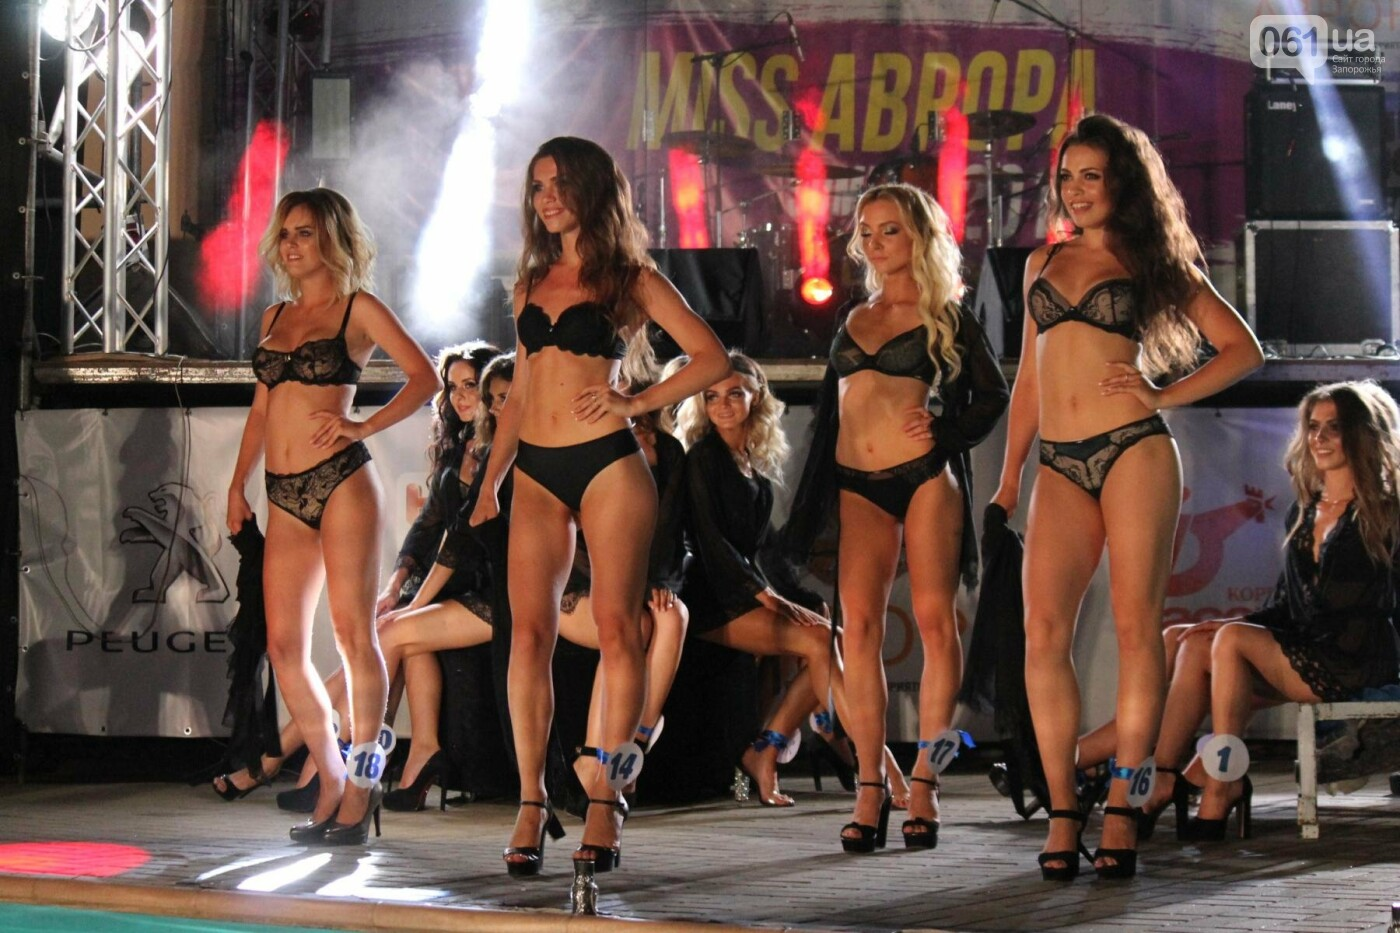 «Miss AVRORA Summer 2018»: в Запорожье на конкурсе красоты выбрали самую красивую девушку, – ФОТОРЕПОРТАЖ, фото-5